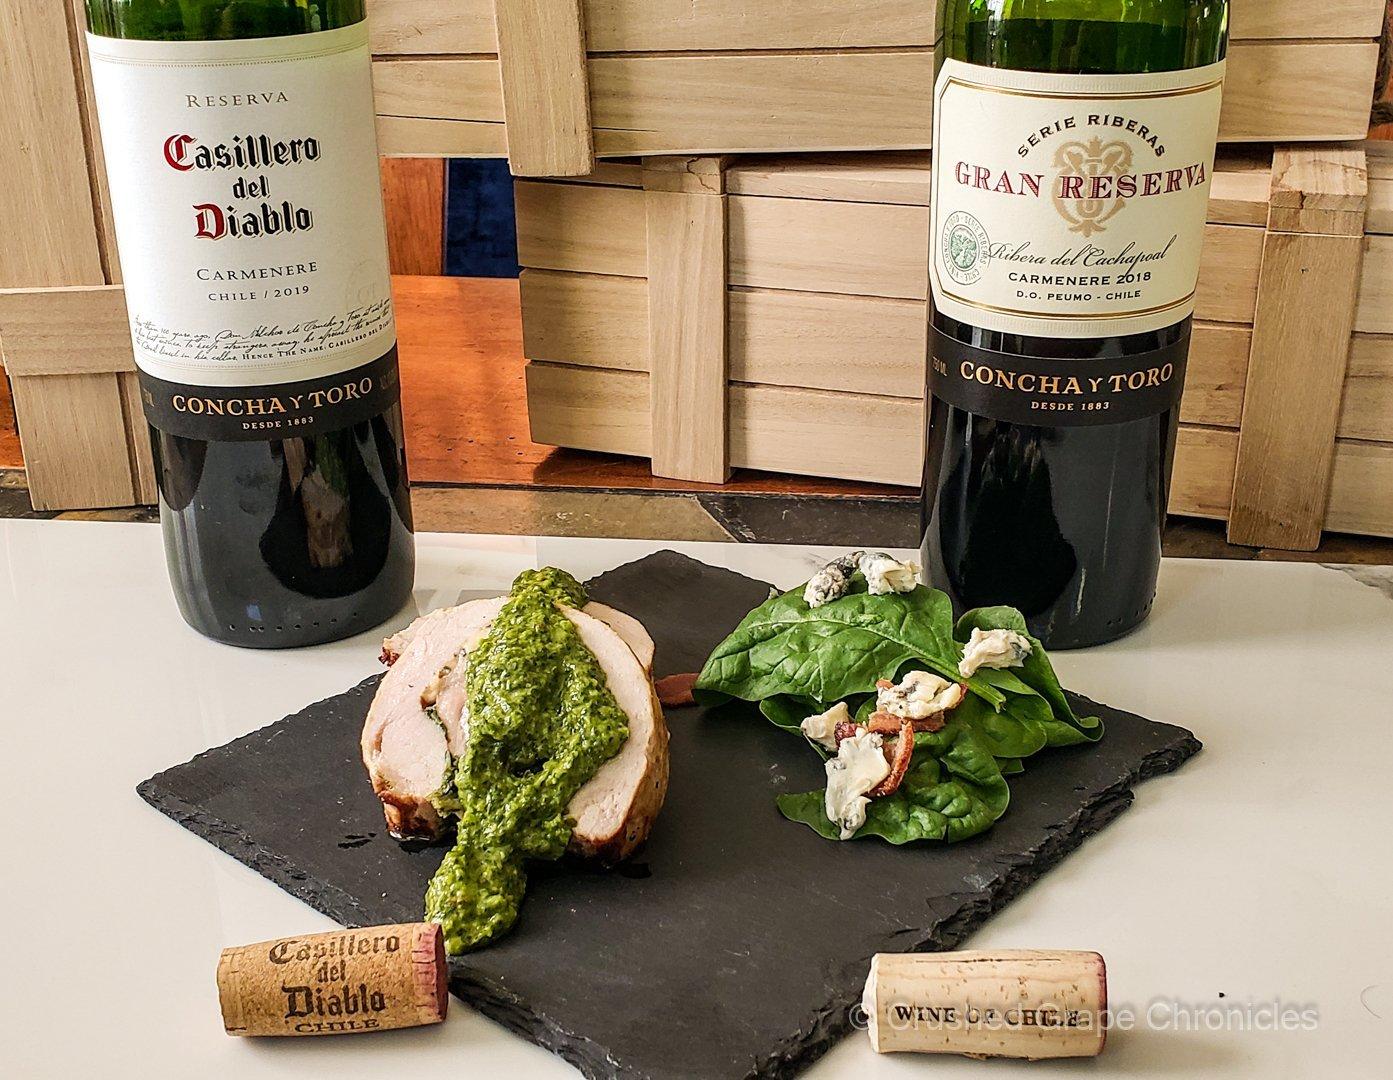 Carmenere Gran Reserva and Casillera del Diablo from Chile with Pork Loin Chimchira and salad